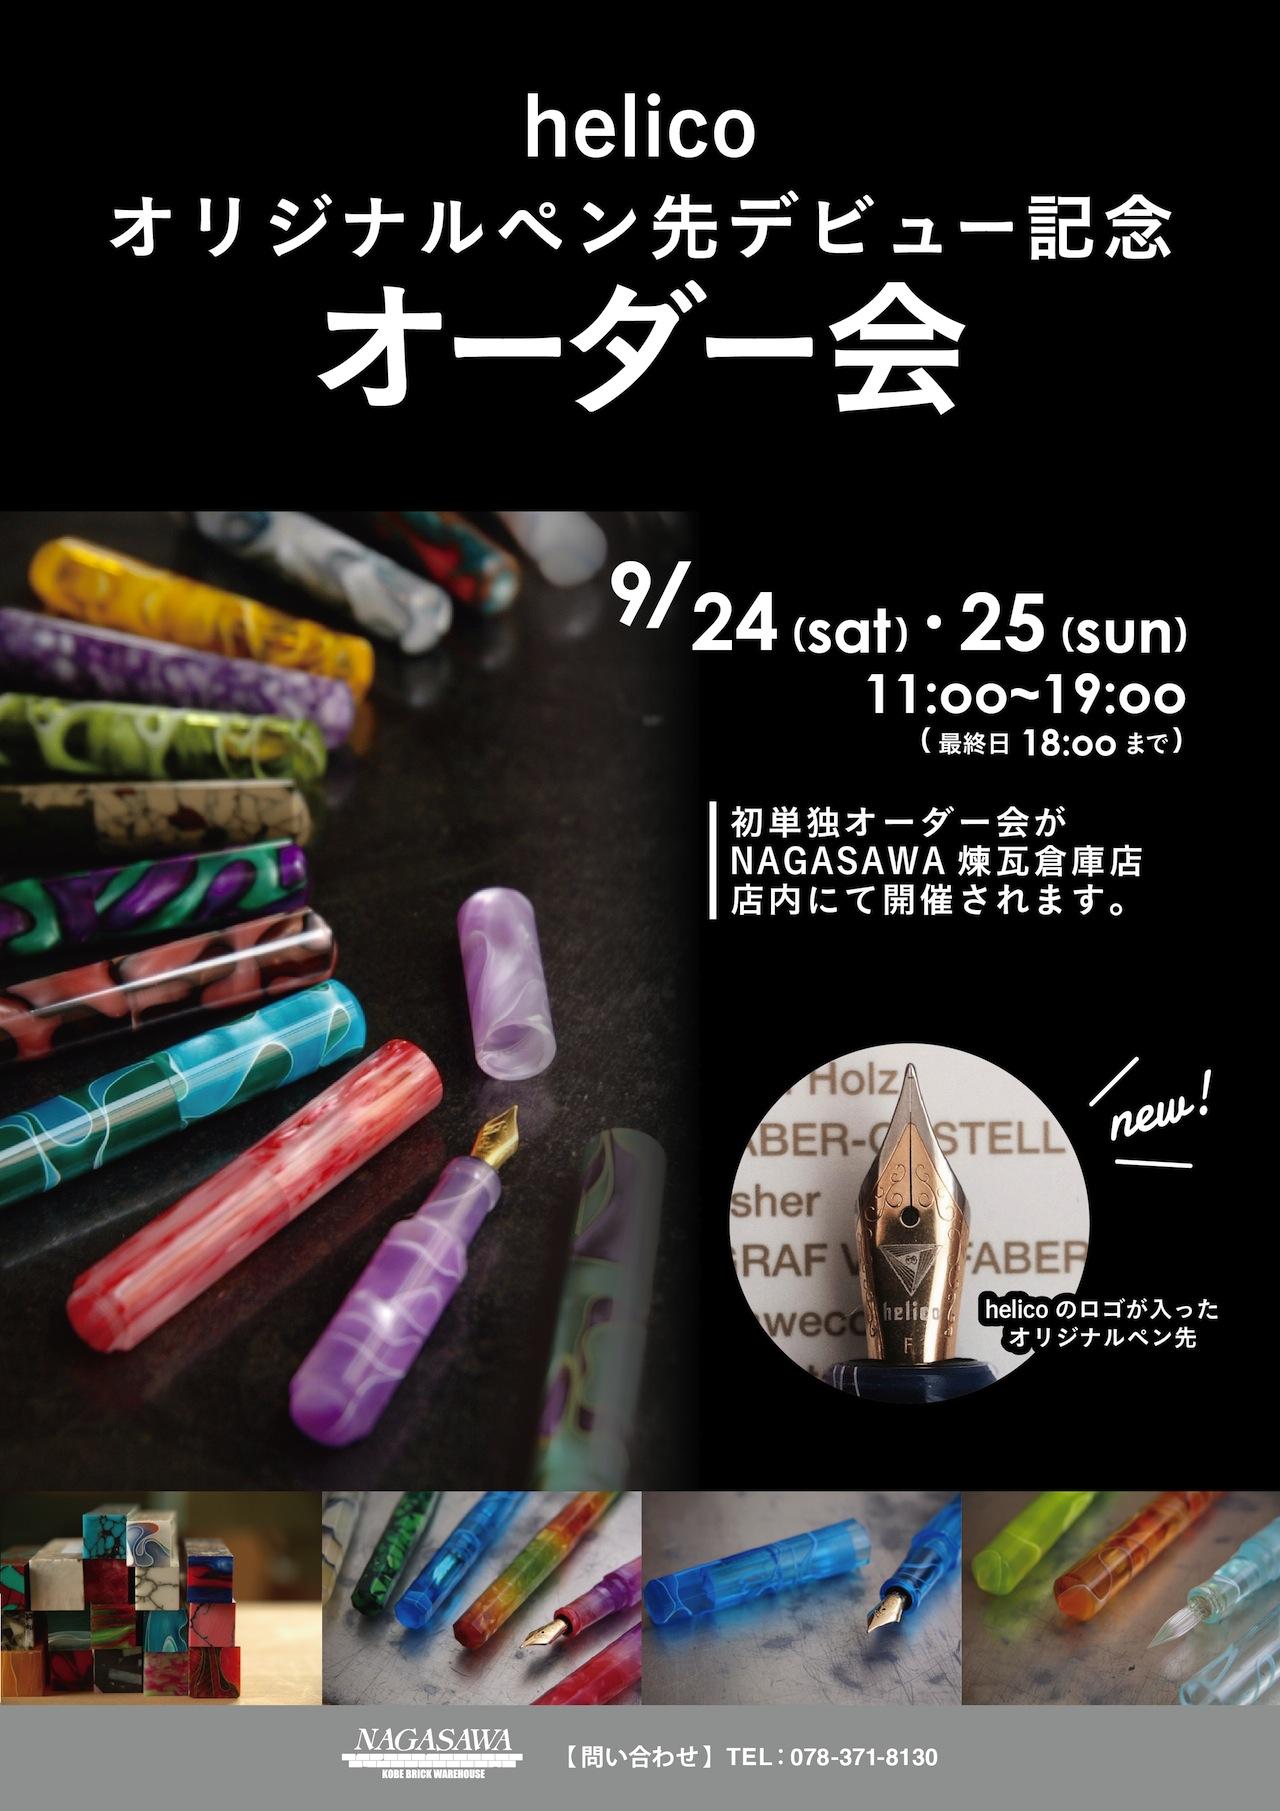 helico オリジナルペン先万年筆オーダー会 @NAGASAWA神戸煉瓦倉庫店